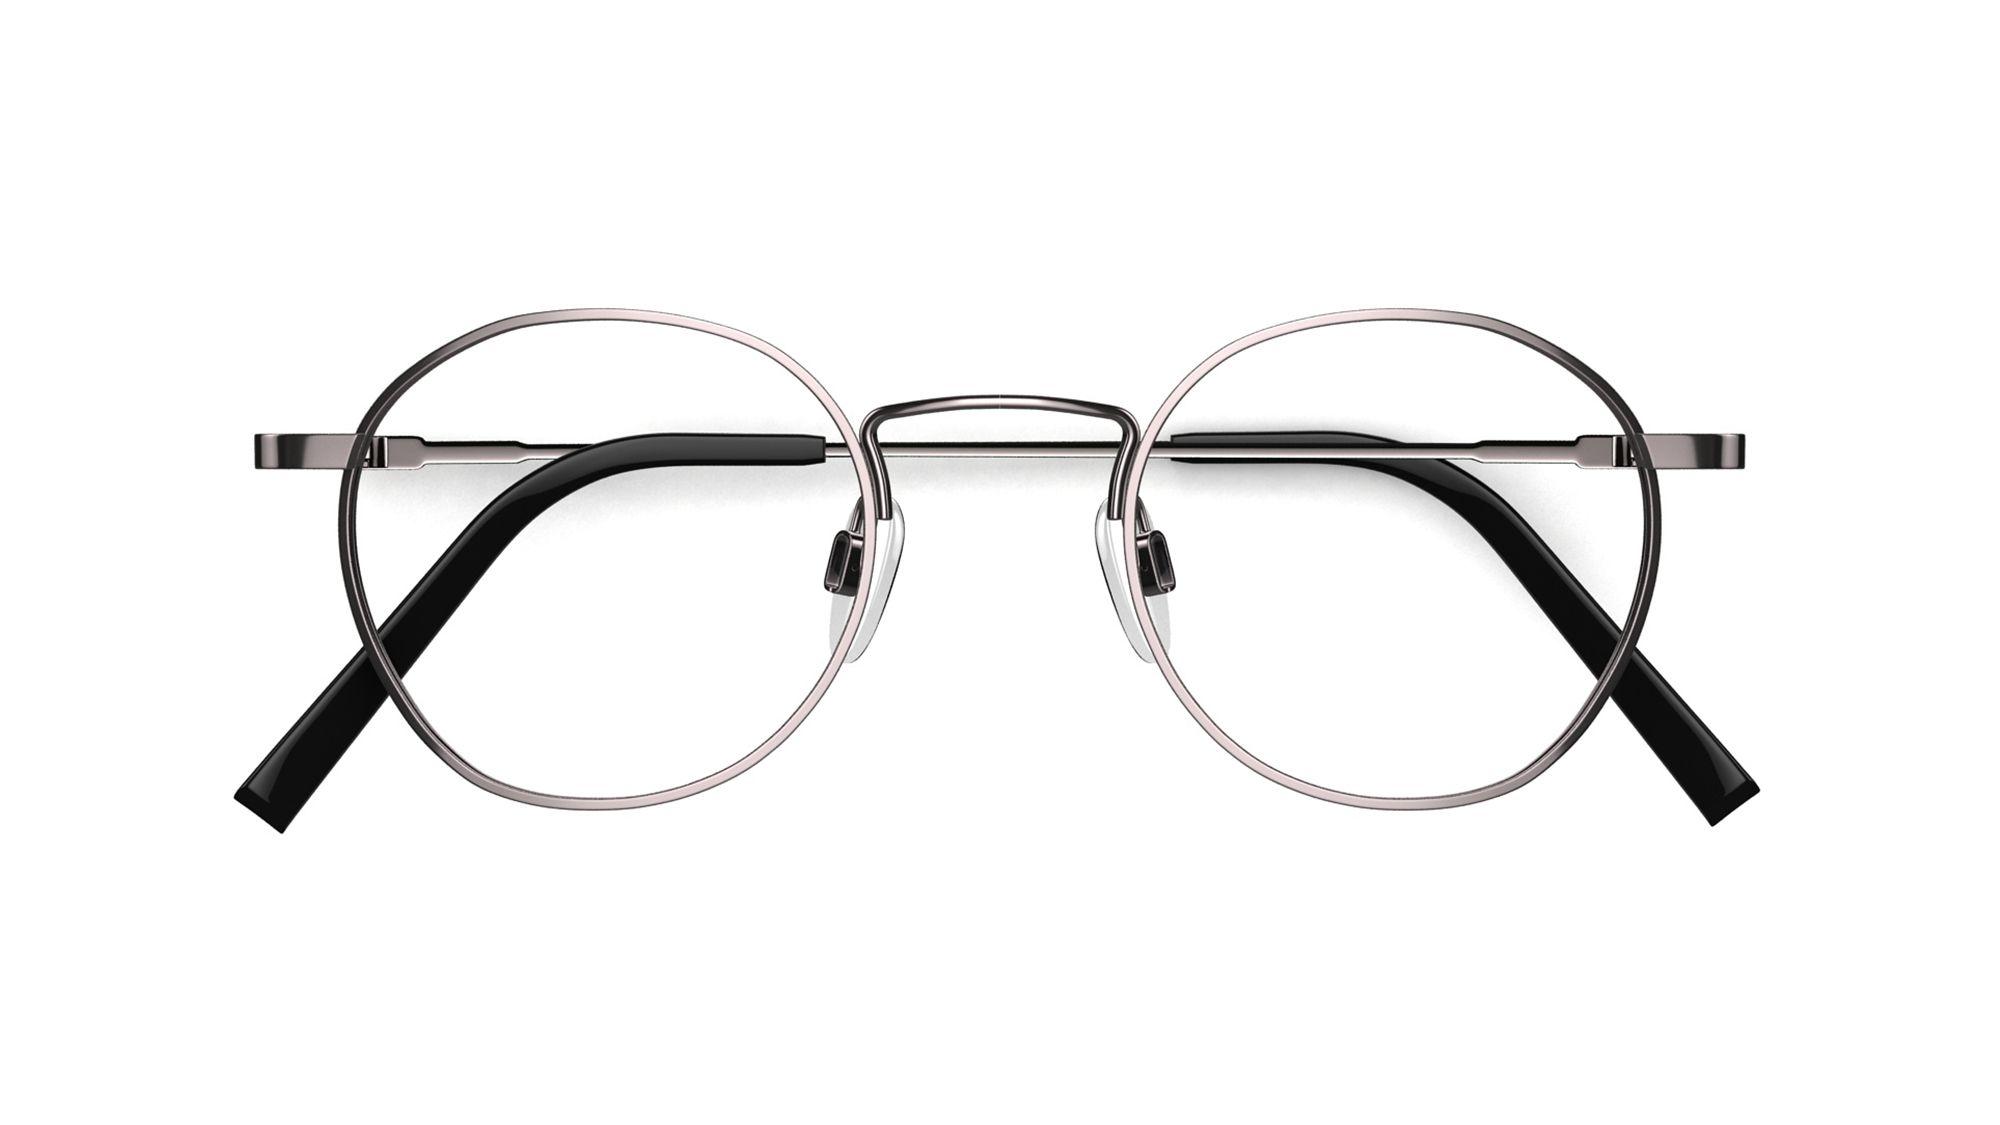 e865fc016ad7 Specsavers glasses - WATSON